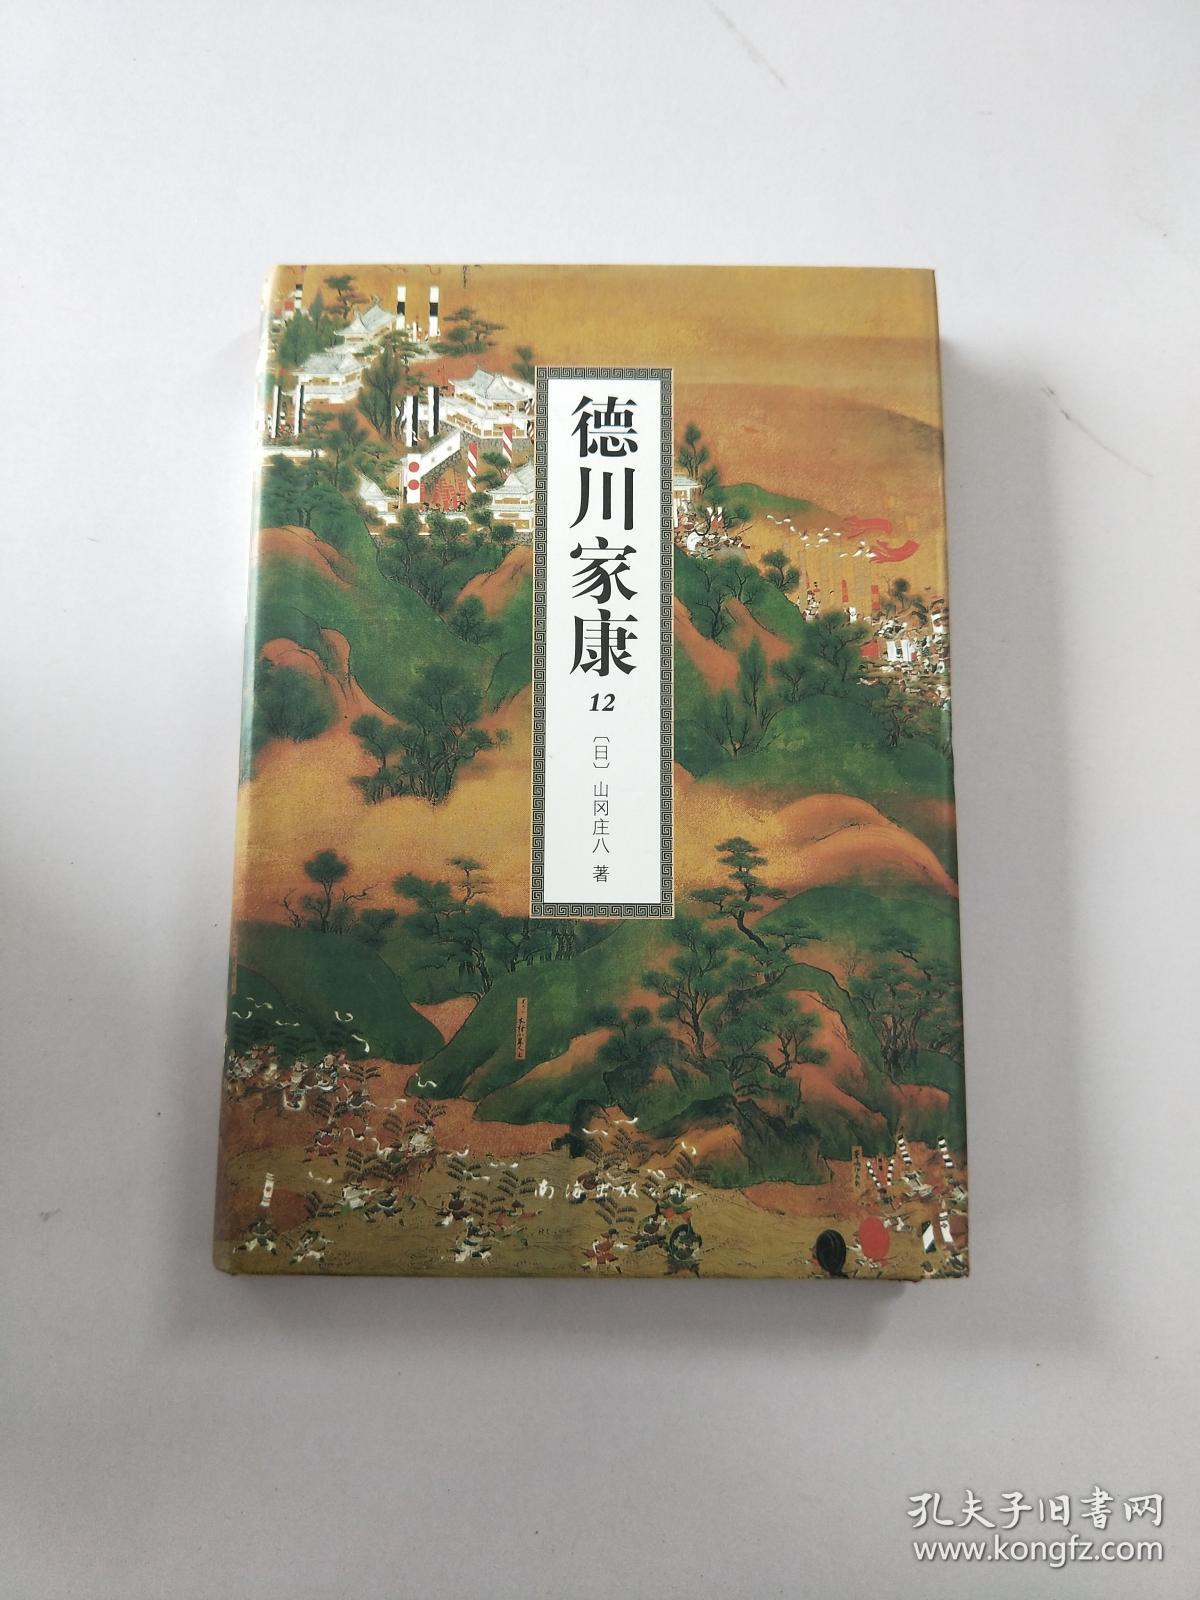 德川家康12_【日】山冈庄八_孔夫子旧书网